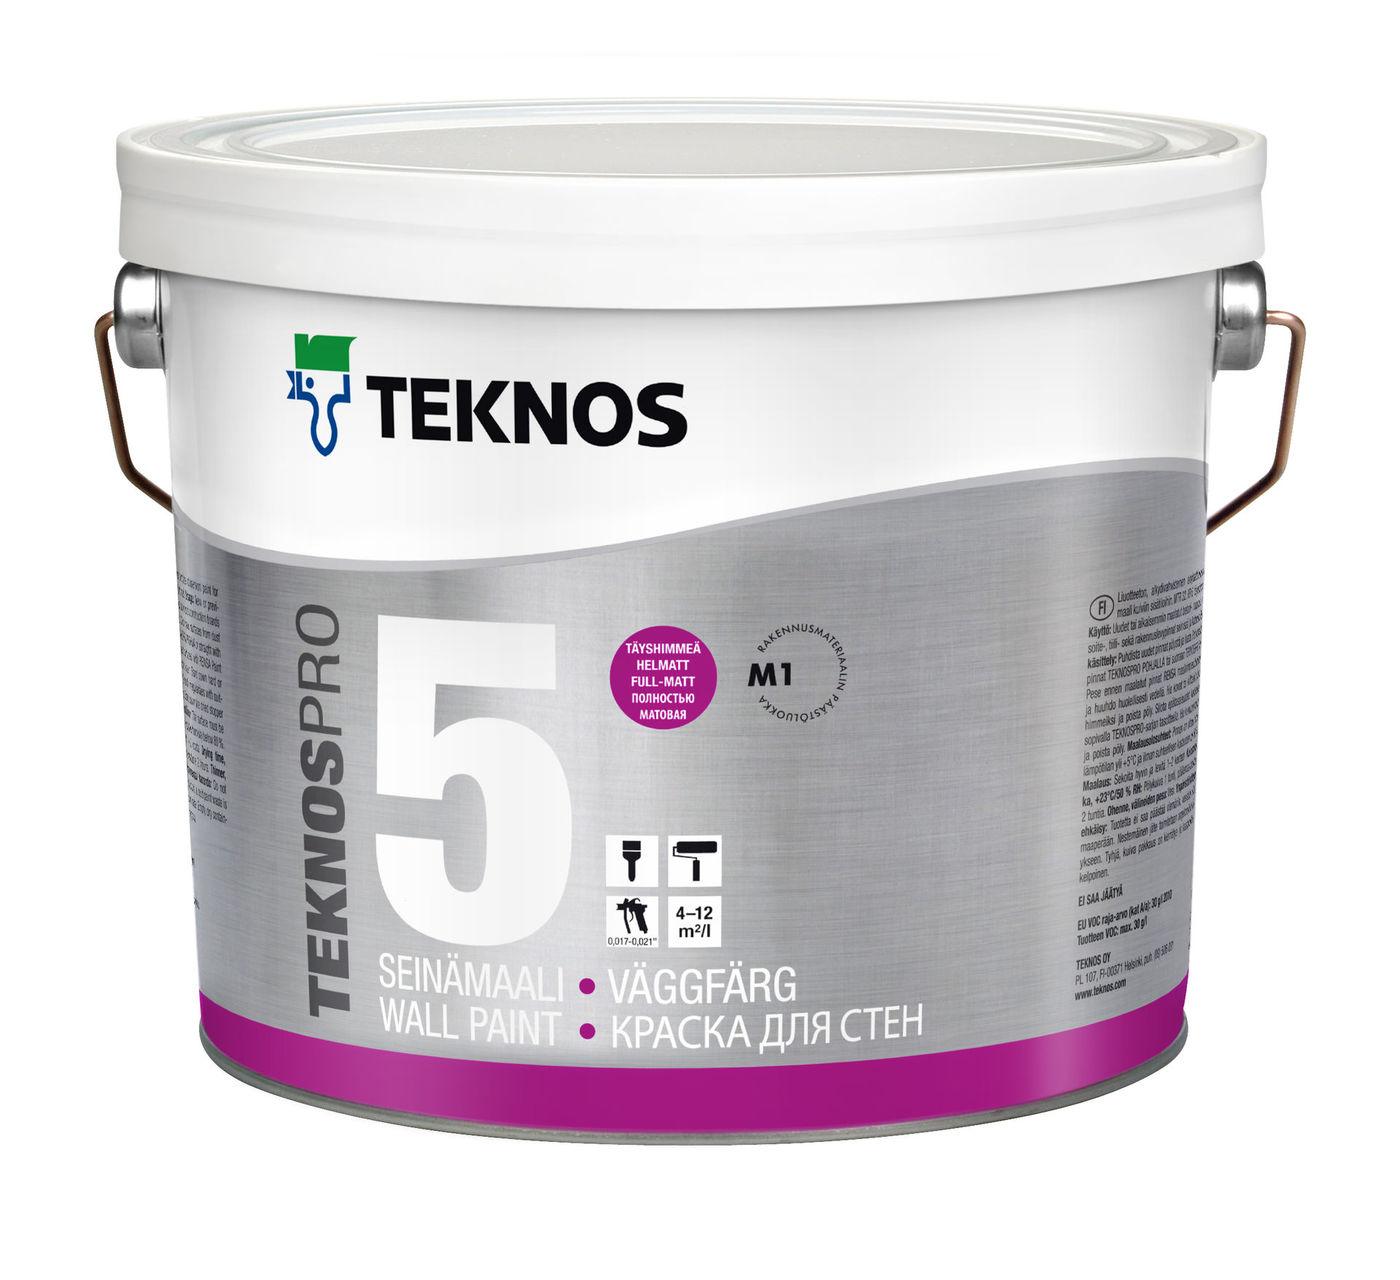 TEKNOSPRO 5 краска для стен